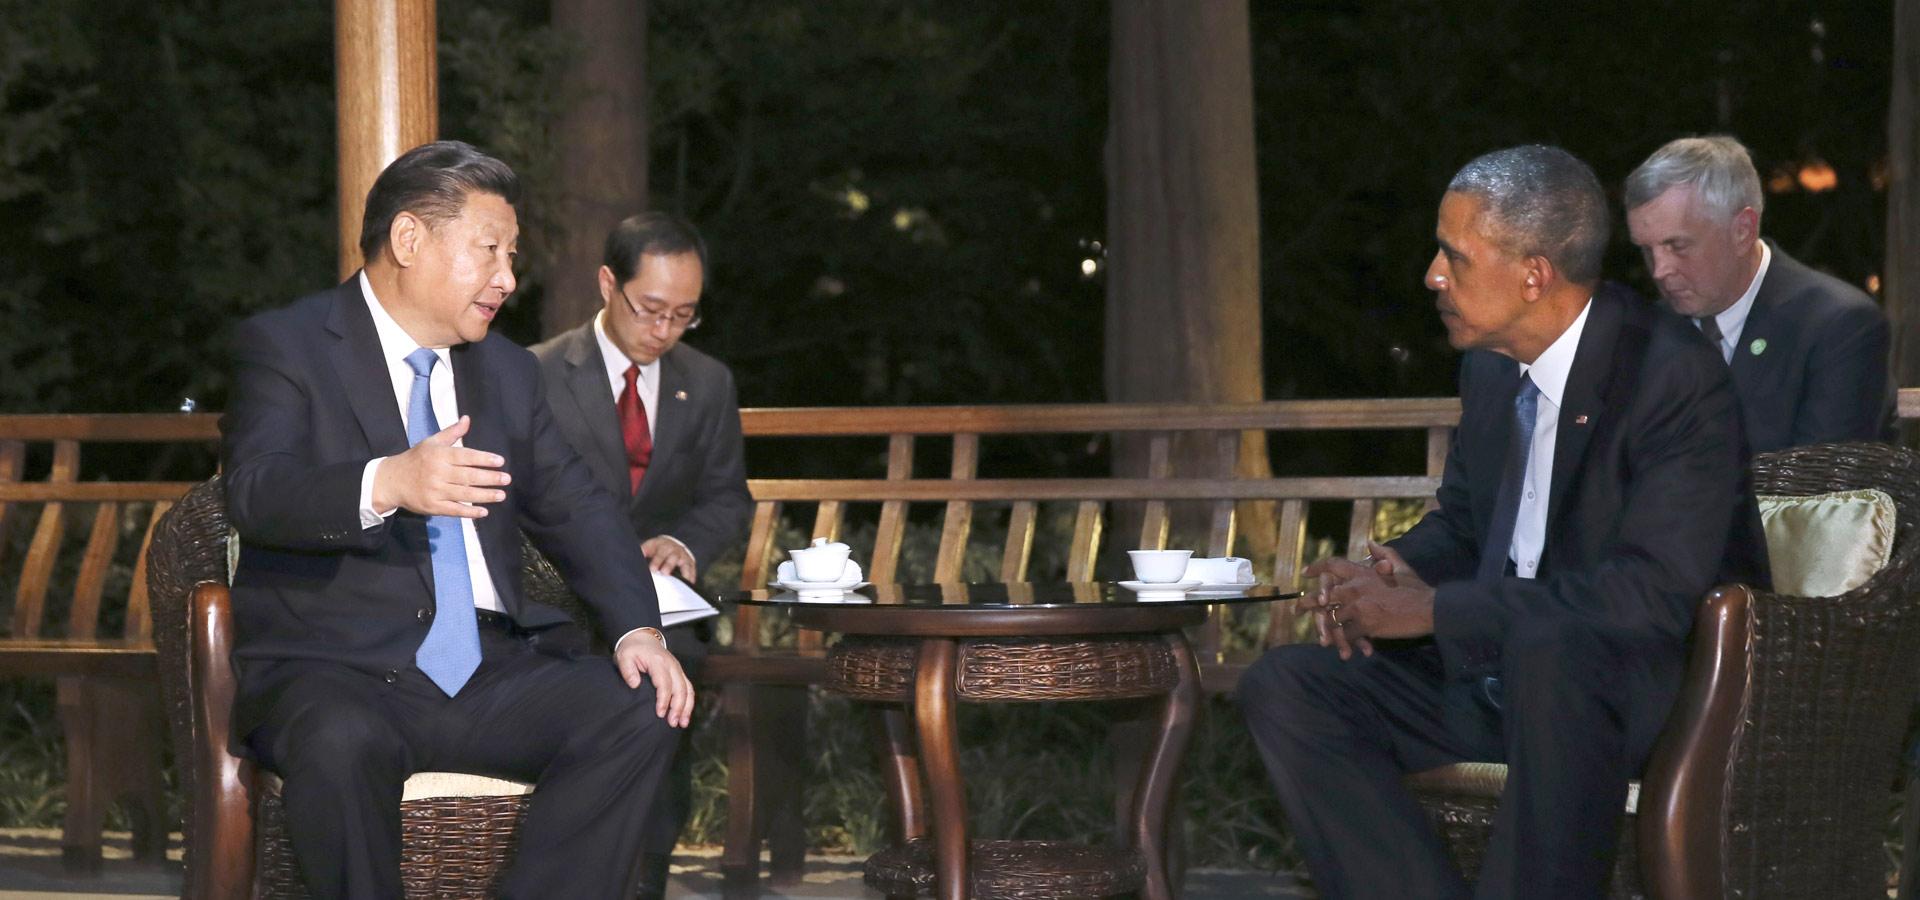 習近平與美國總統奧巴馬交談